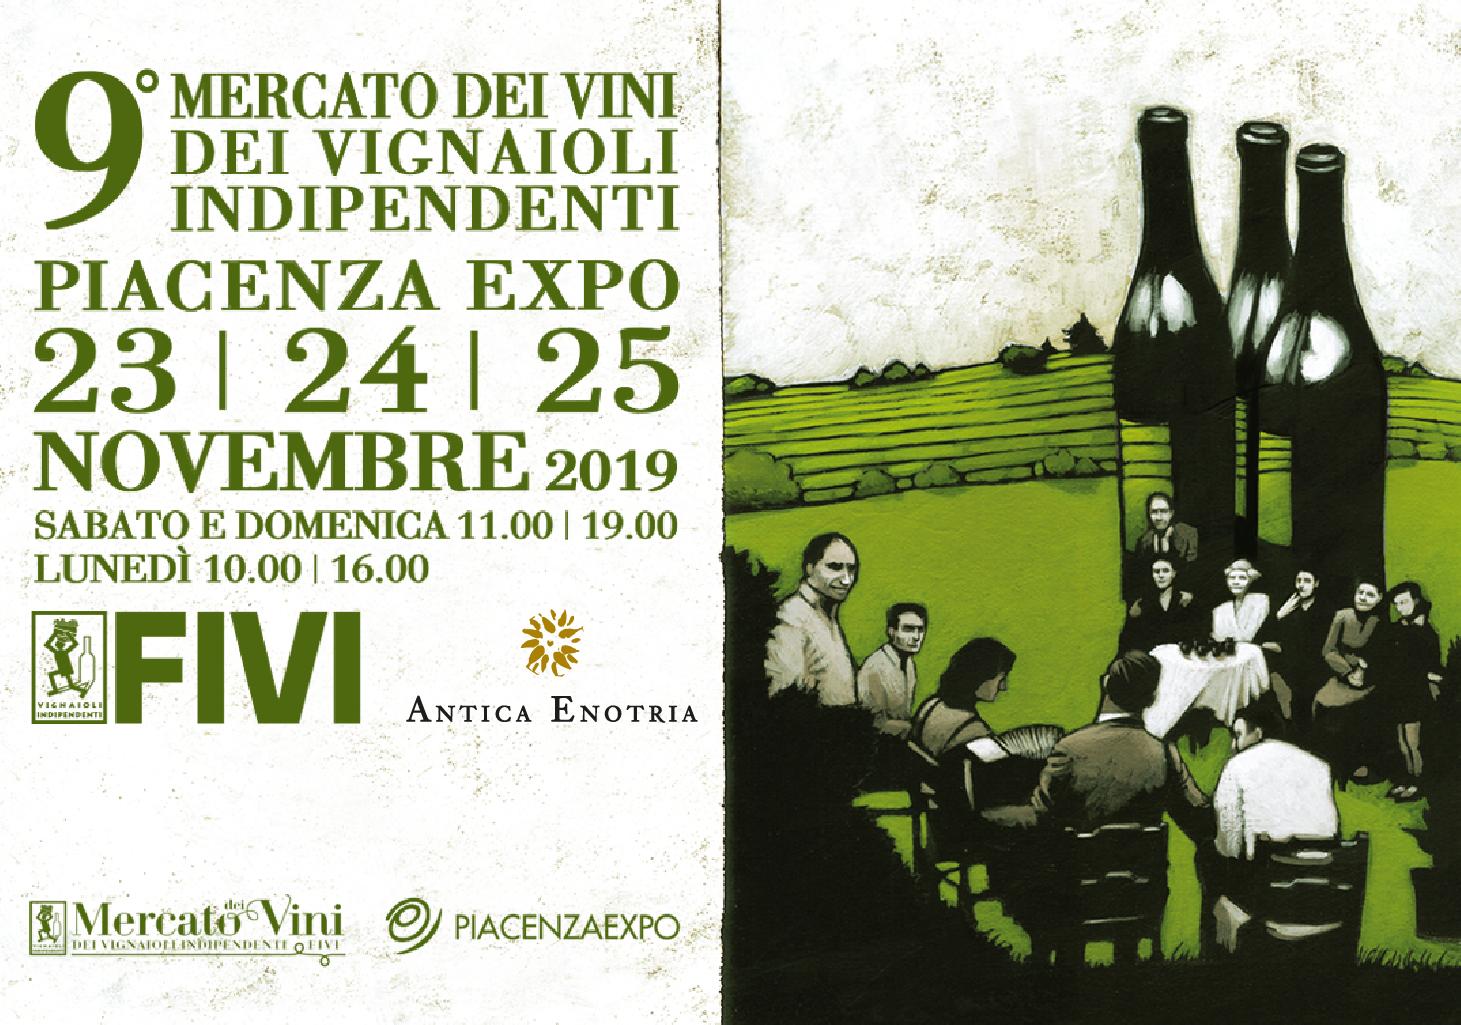 Fivi, il Mercato dei Vini del Vignaioli Indipendenti